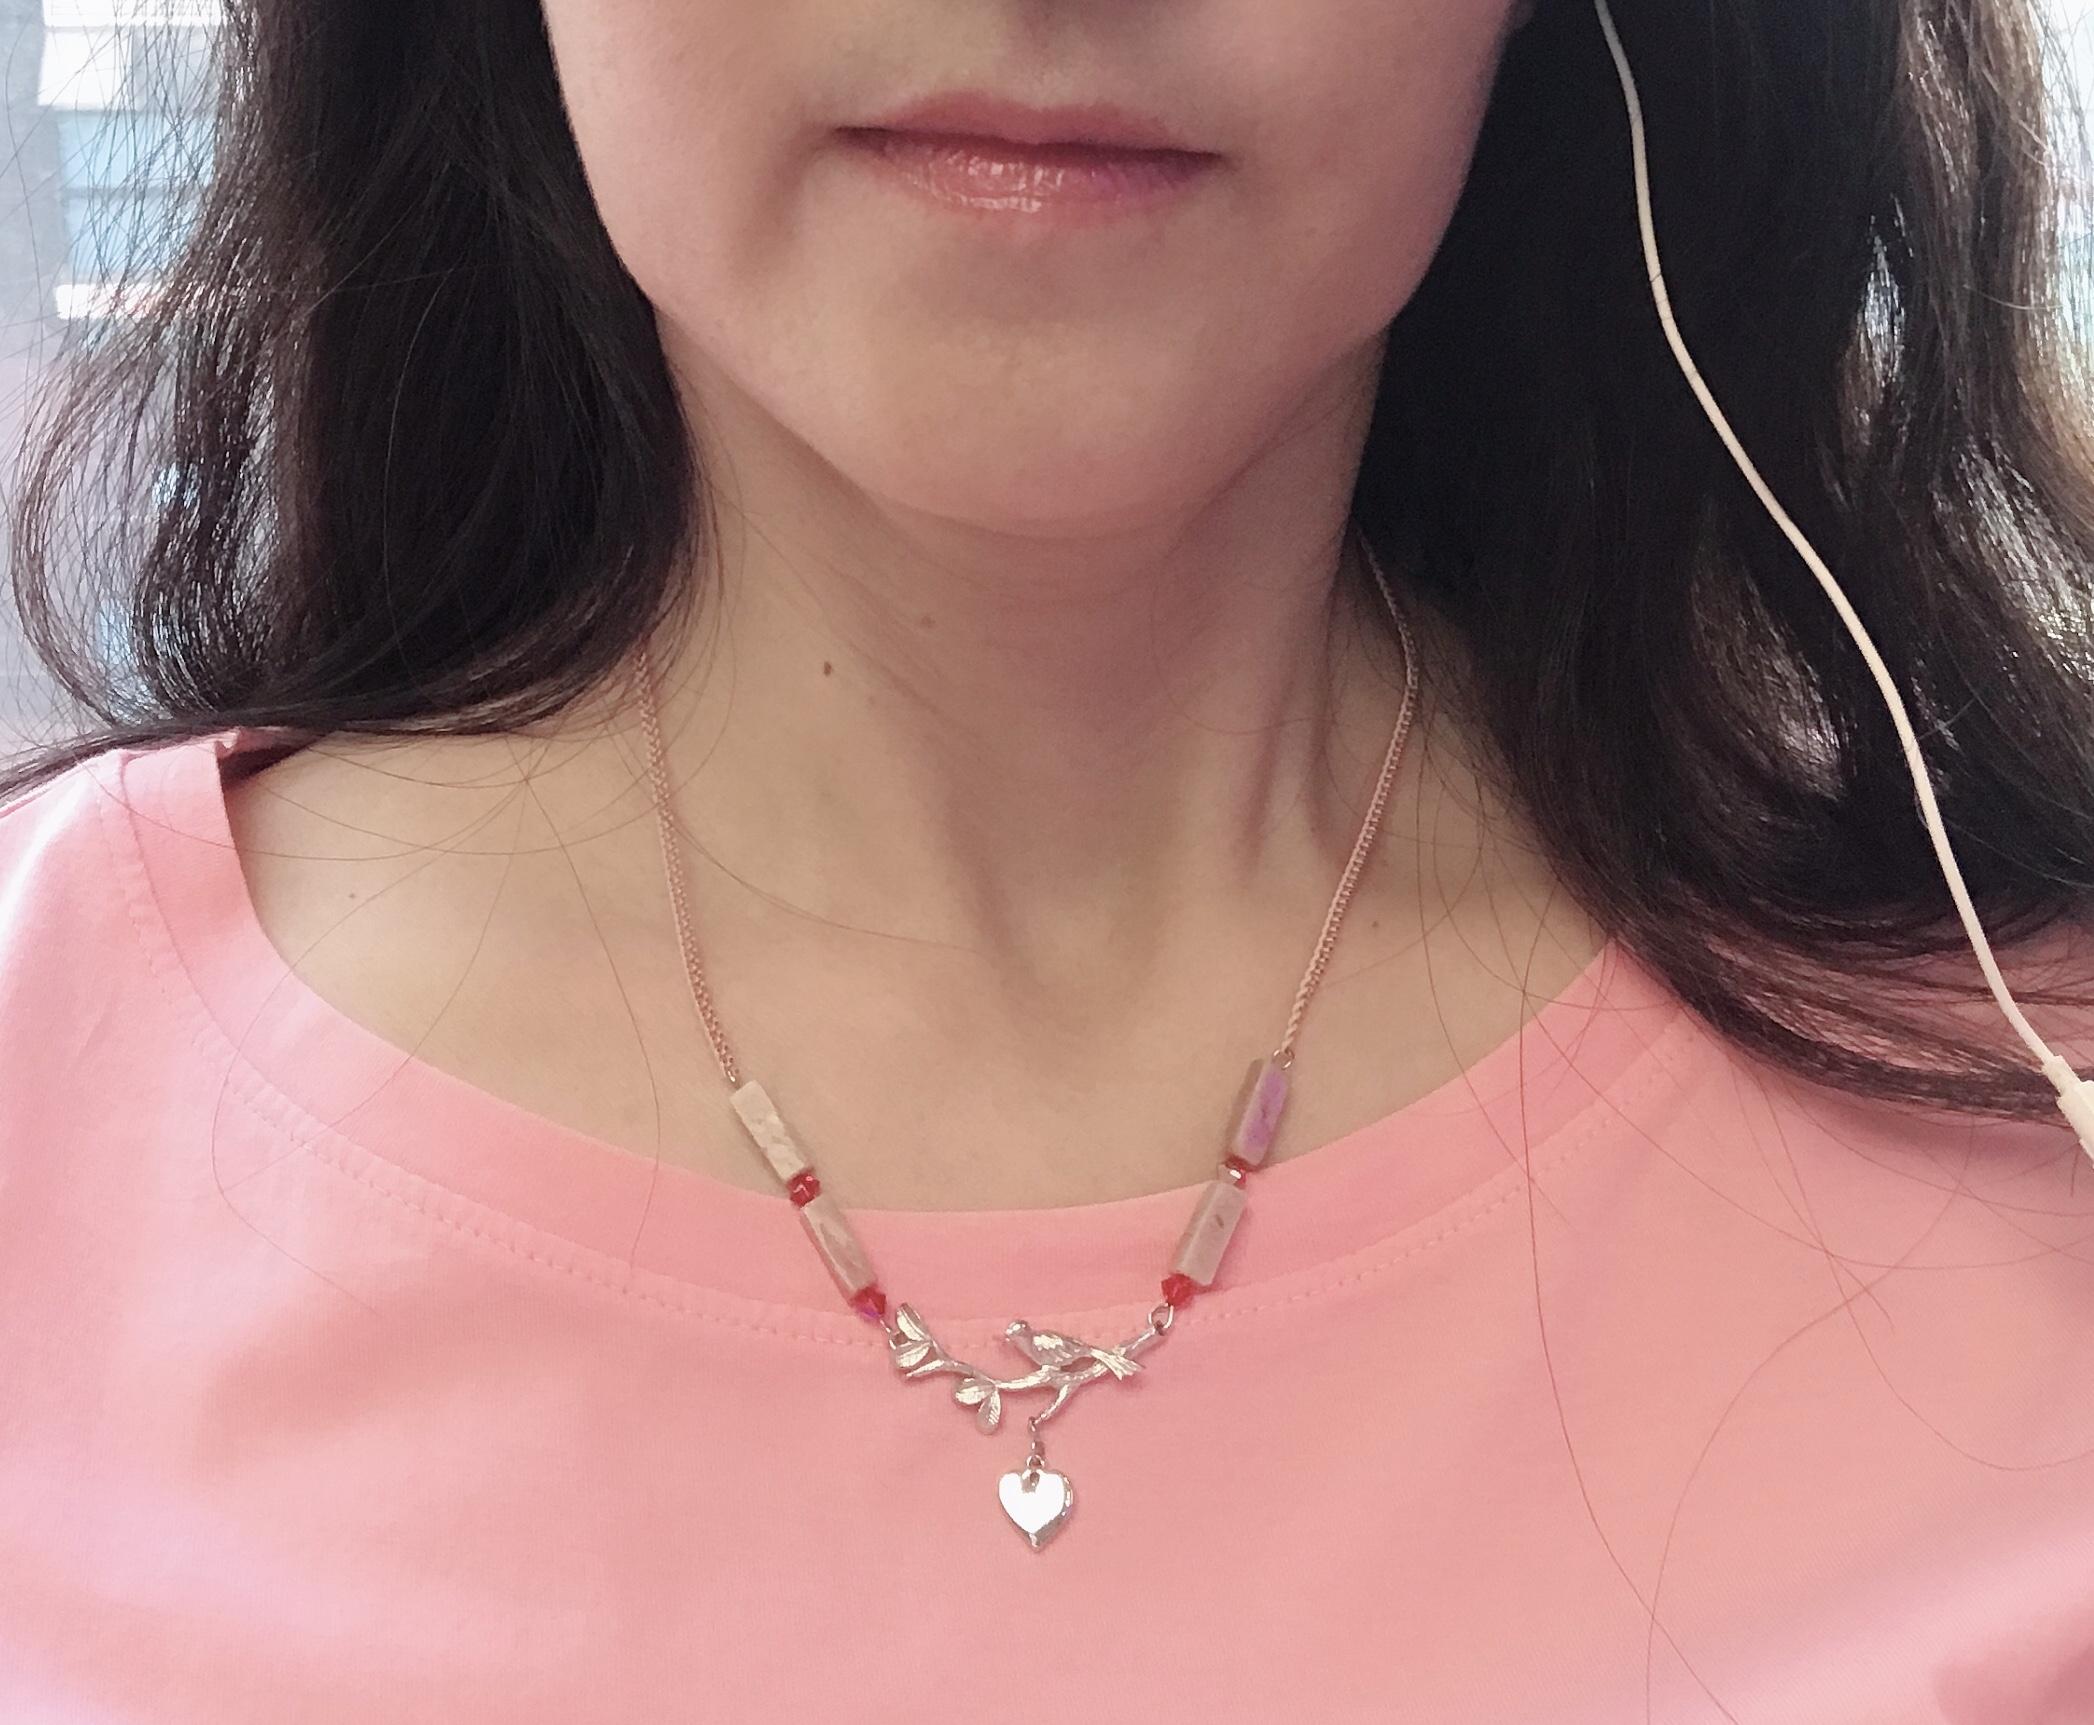 Wear it today! It makes me happy~~~~^^ -Lee Hee Joung from Seoul, S.Korea